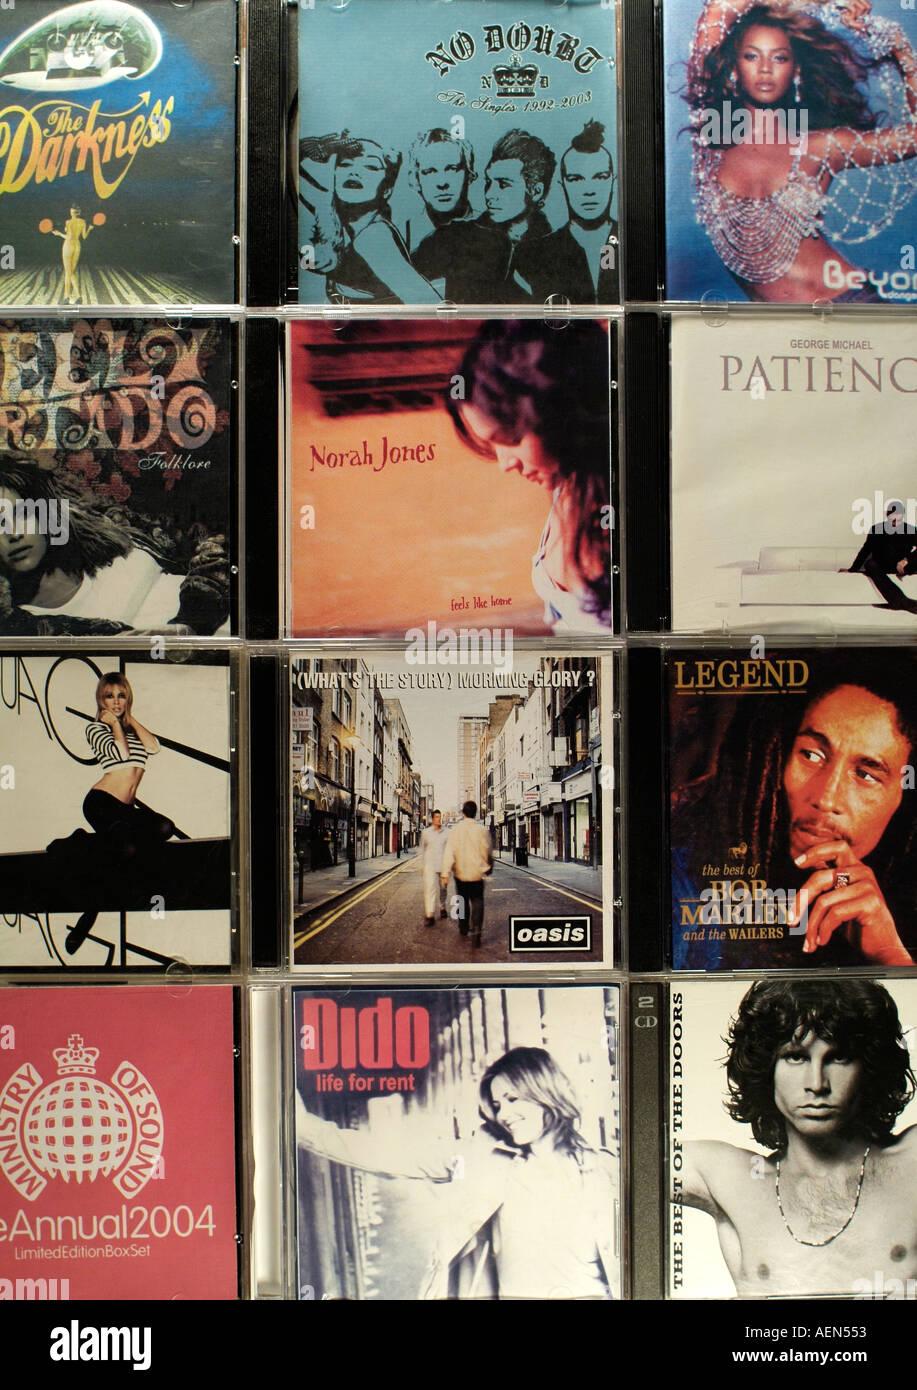 La contrefaçon de CD de musique à vendre à l'Europe de l'Est, Close Up. Photo Stock